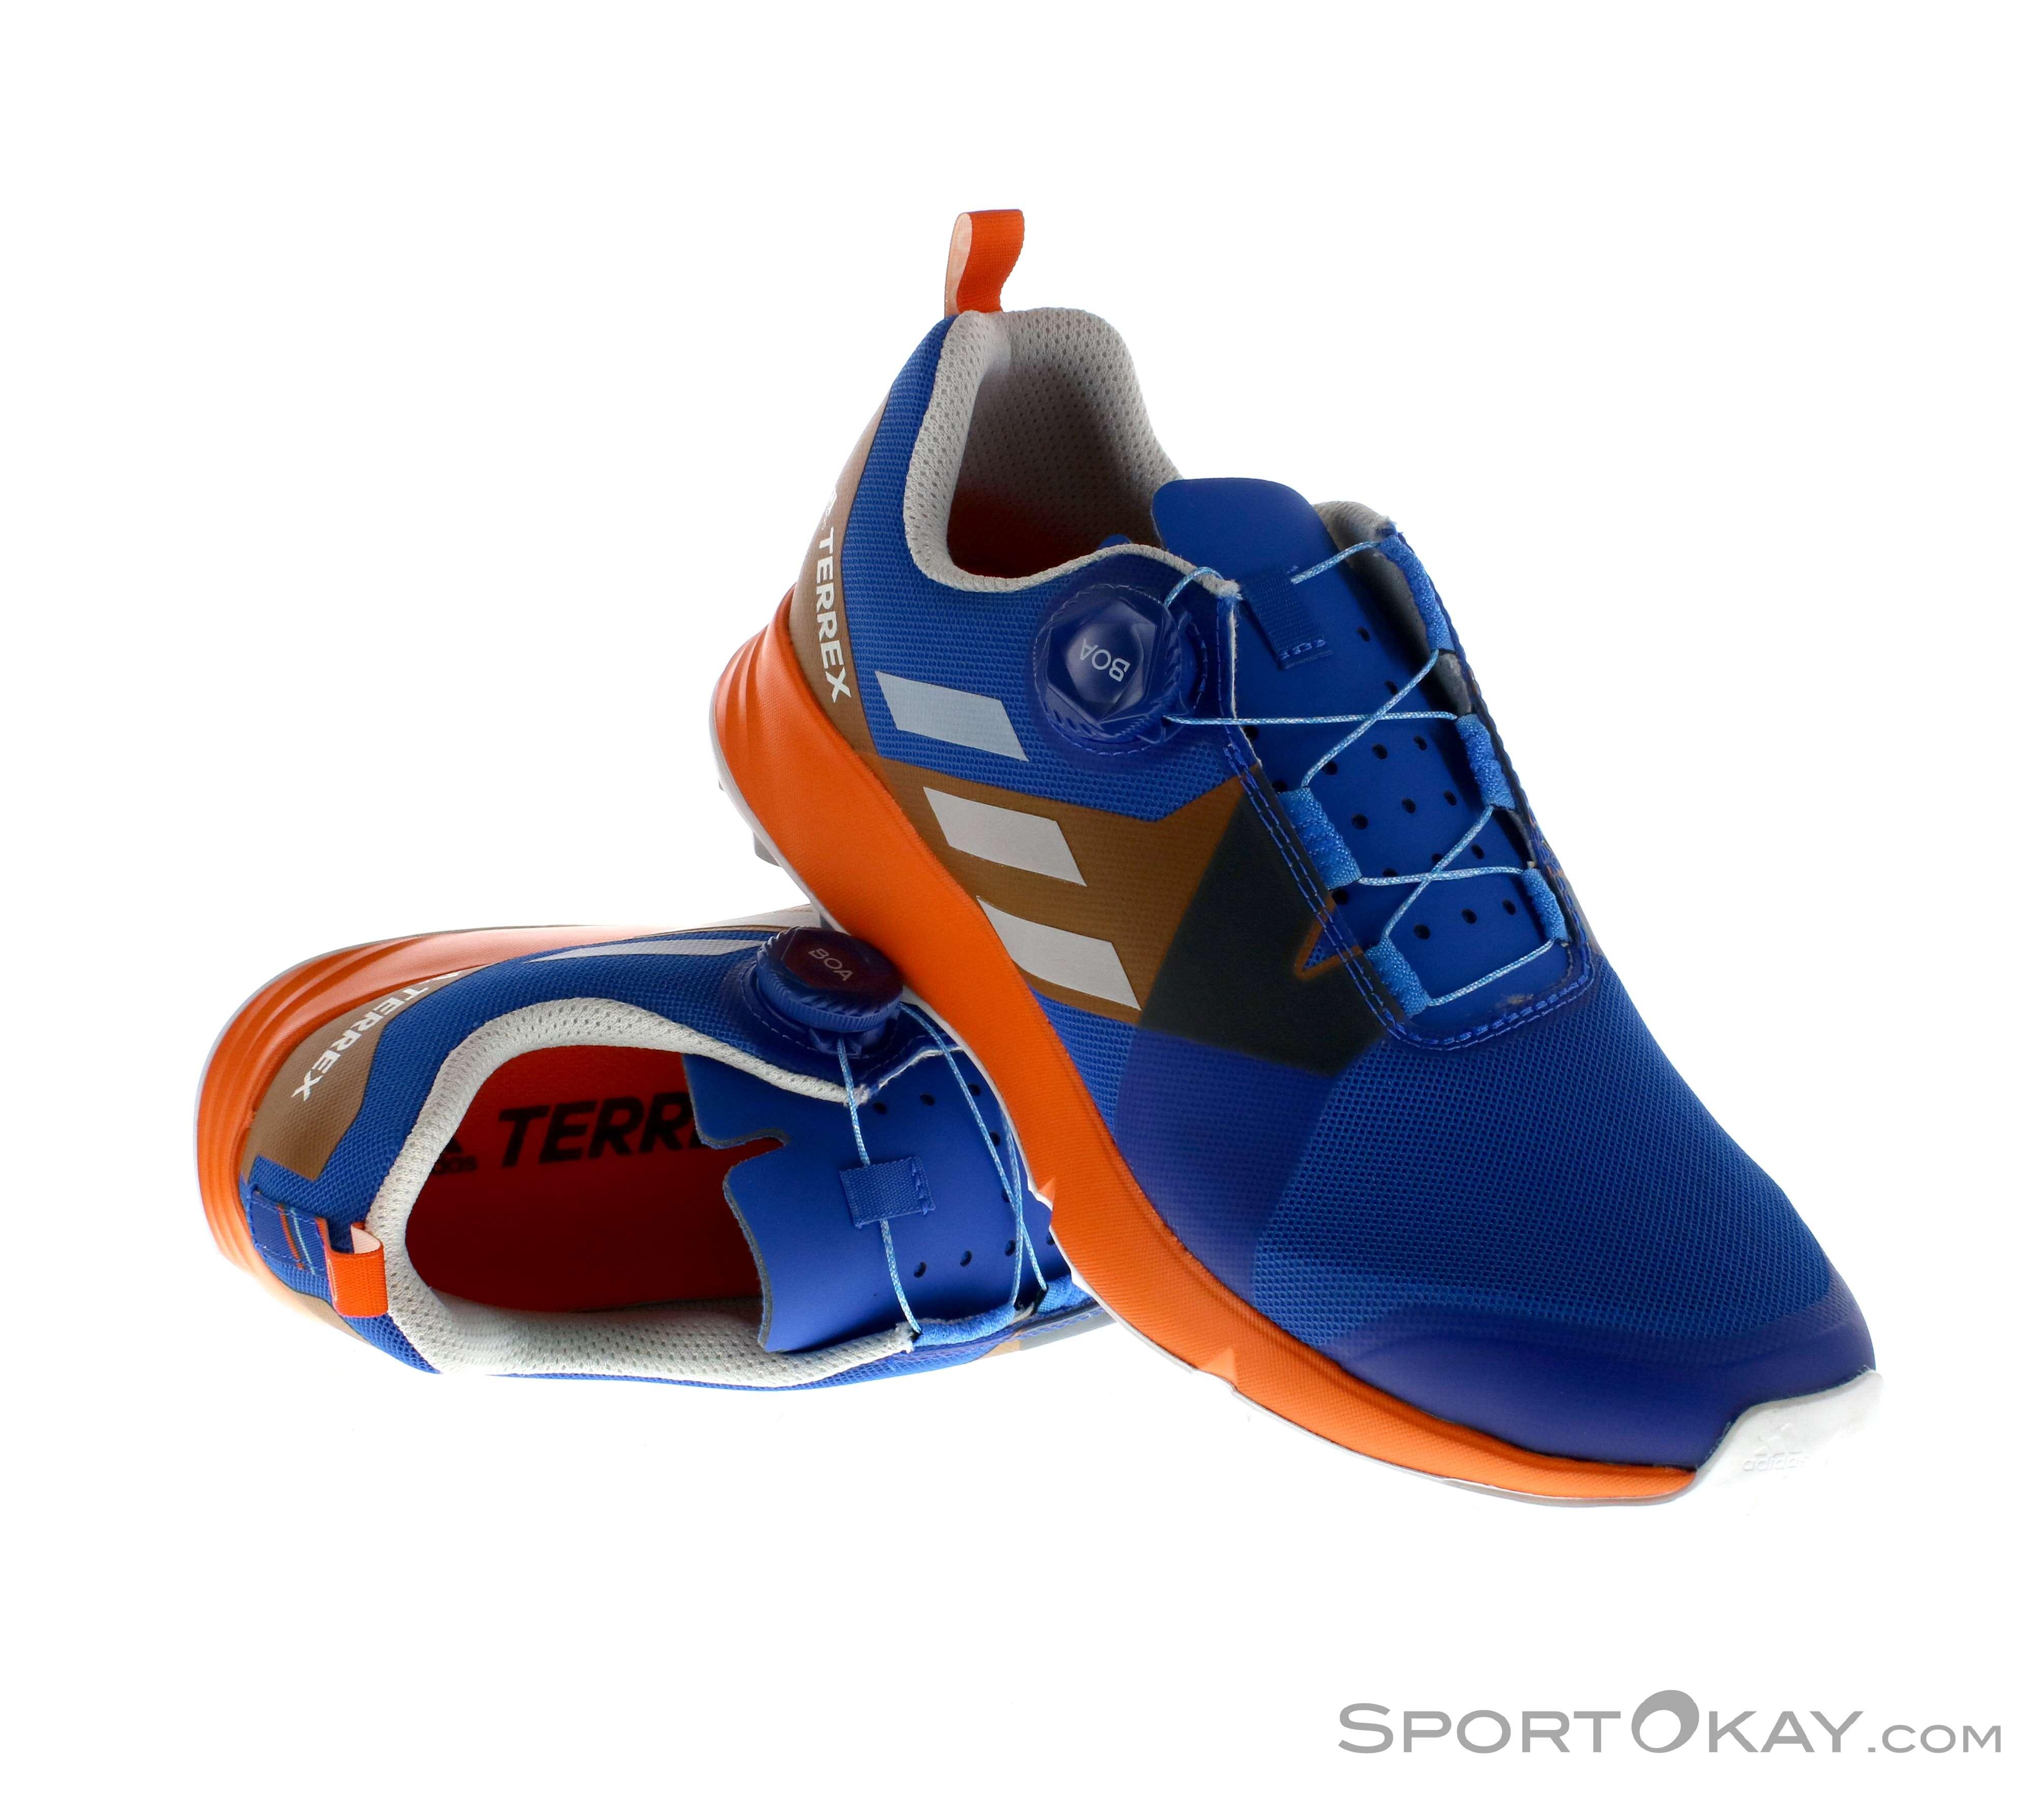 adidas Terrex Two Boa Herren Laufschuhe Traillaufschuhe